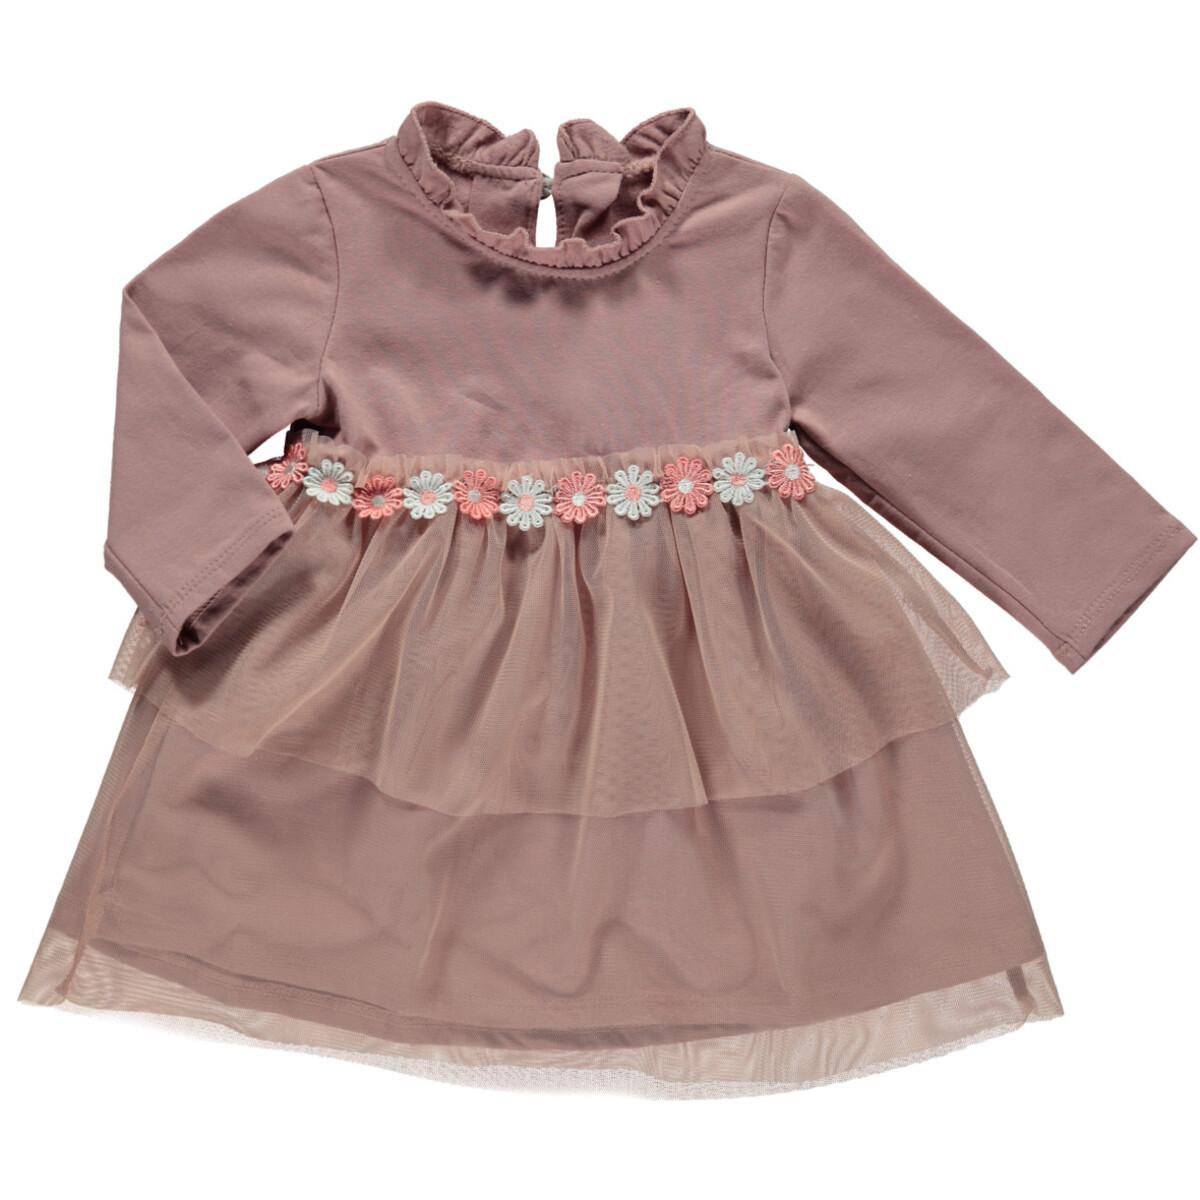 Bild 1 von Baby Mädchen Kleid mit Blumenverzierung